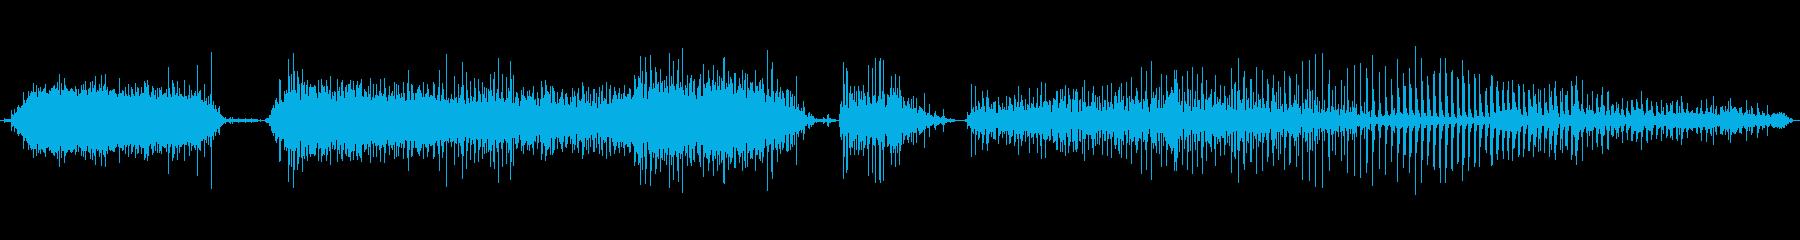 400人の拍手-短い-長い_の再生済みの波形